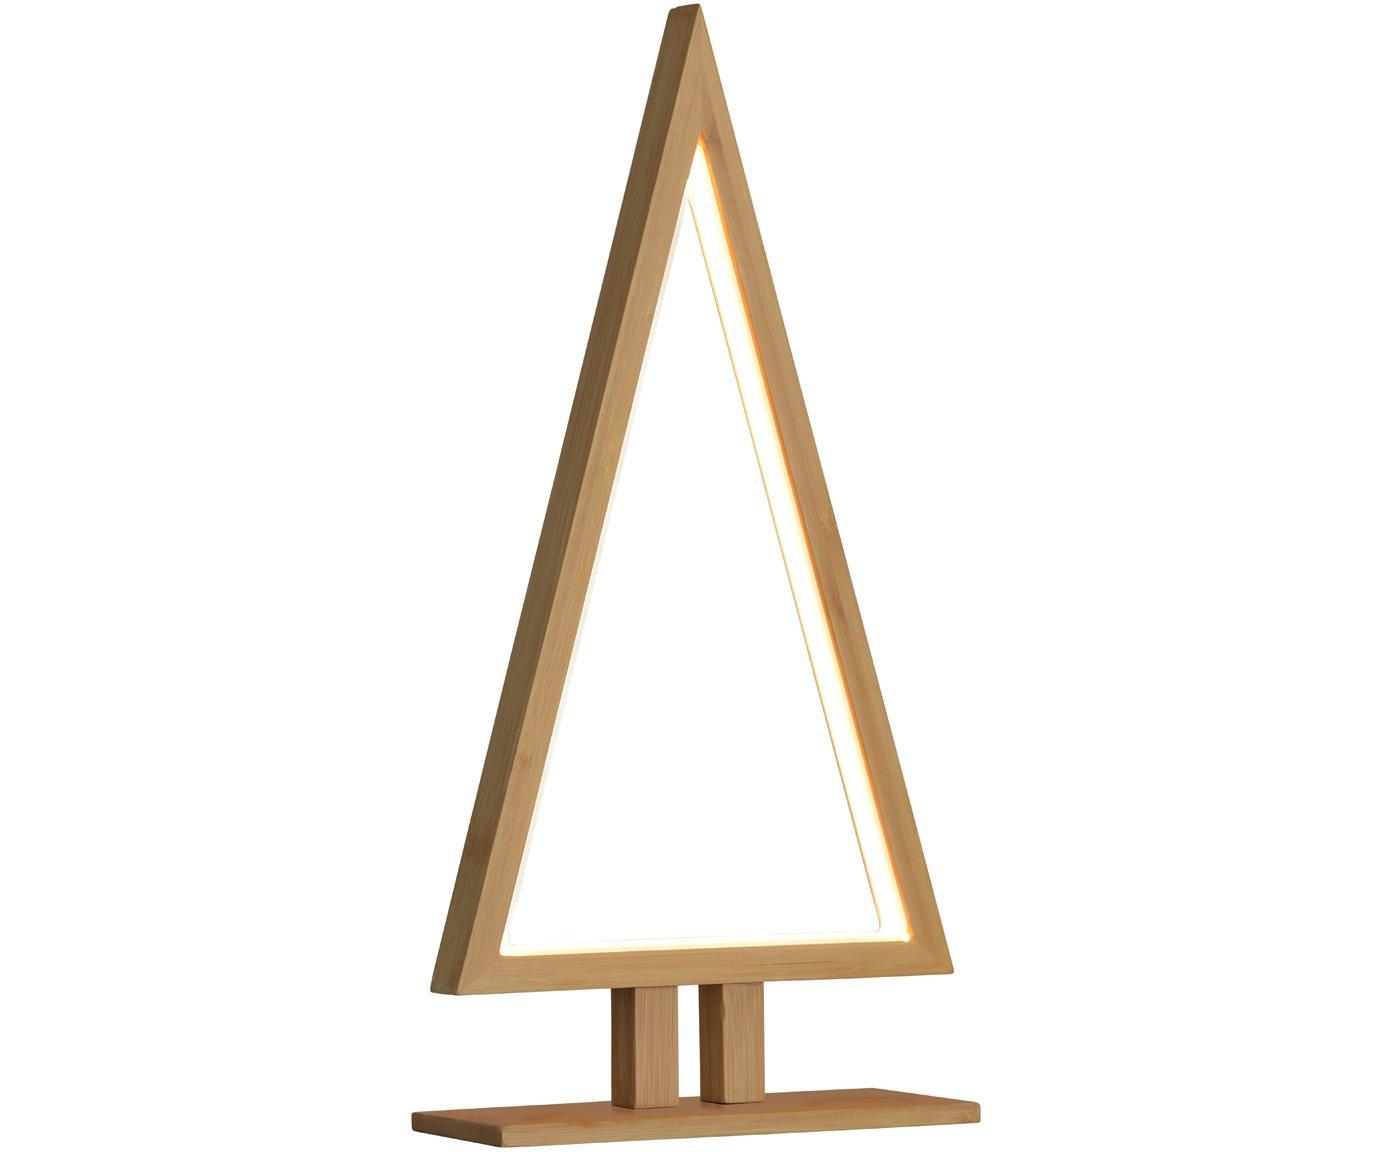 Pino decorativo in legno illuminato a LED Pine, Legno di bambù, Larg. 20 x Alt. 38 cm